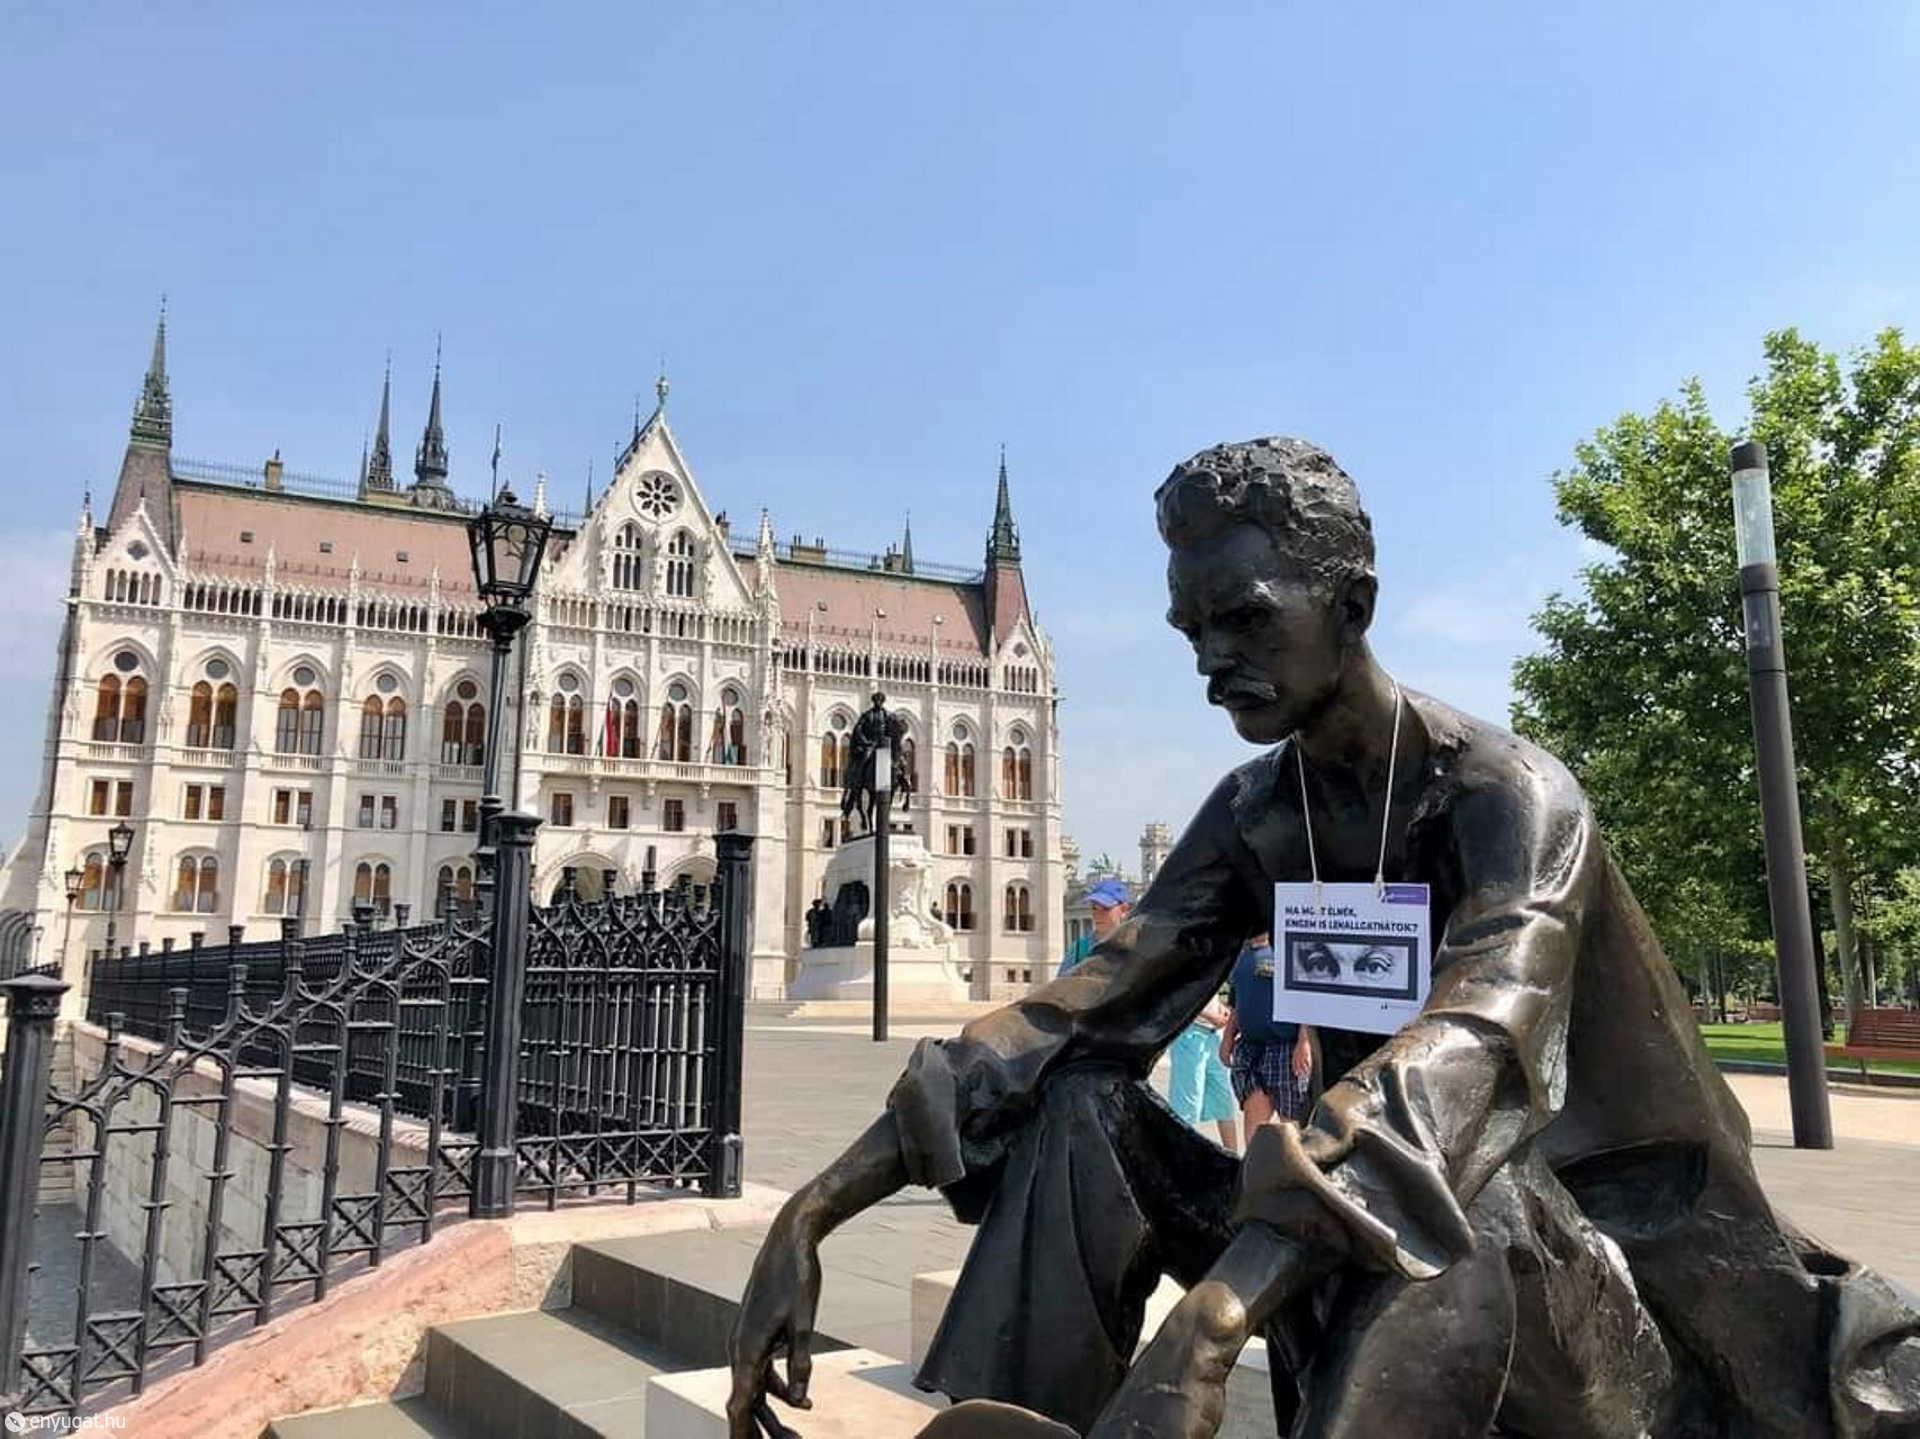 A Momentum aktivistái táblákat helyeztek ki olyan politikusok és közéleti emberek szobraihoz, akiket meghurcolt egy diktatúra.